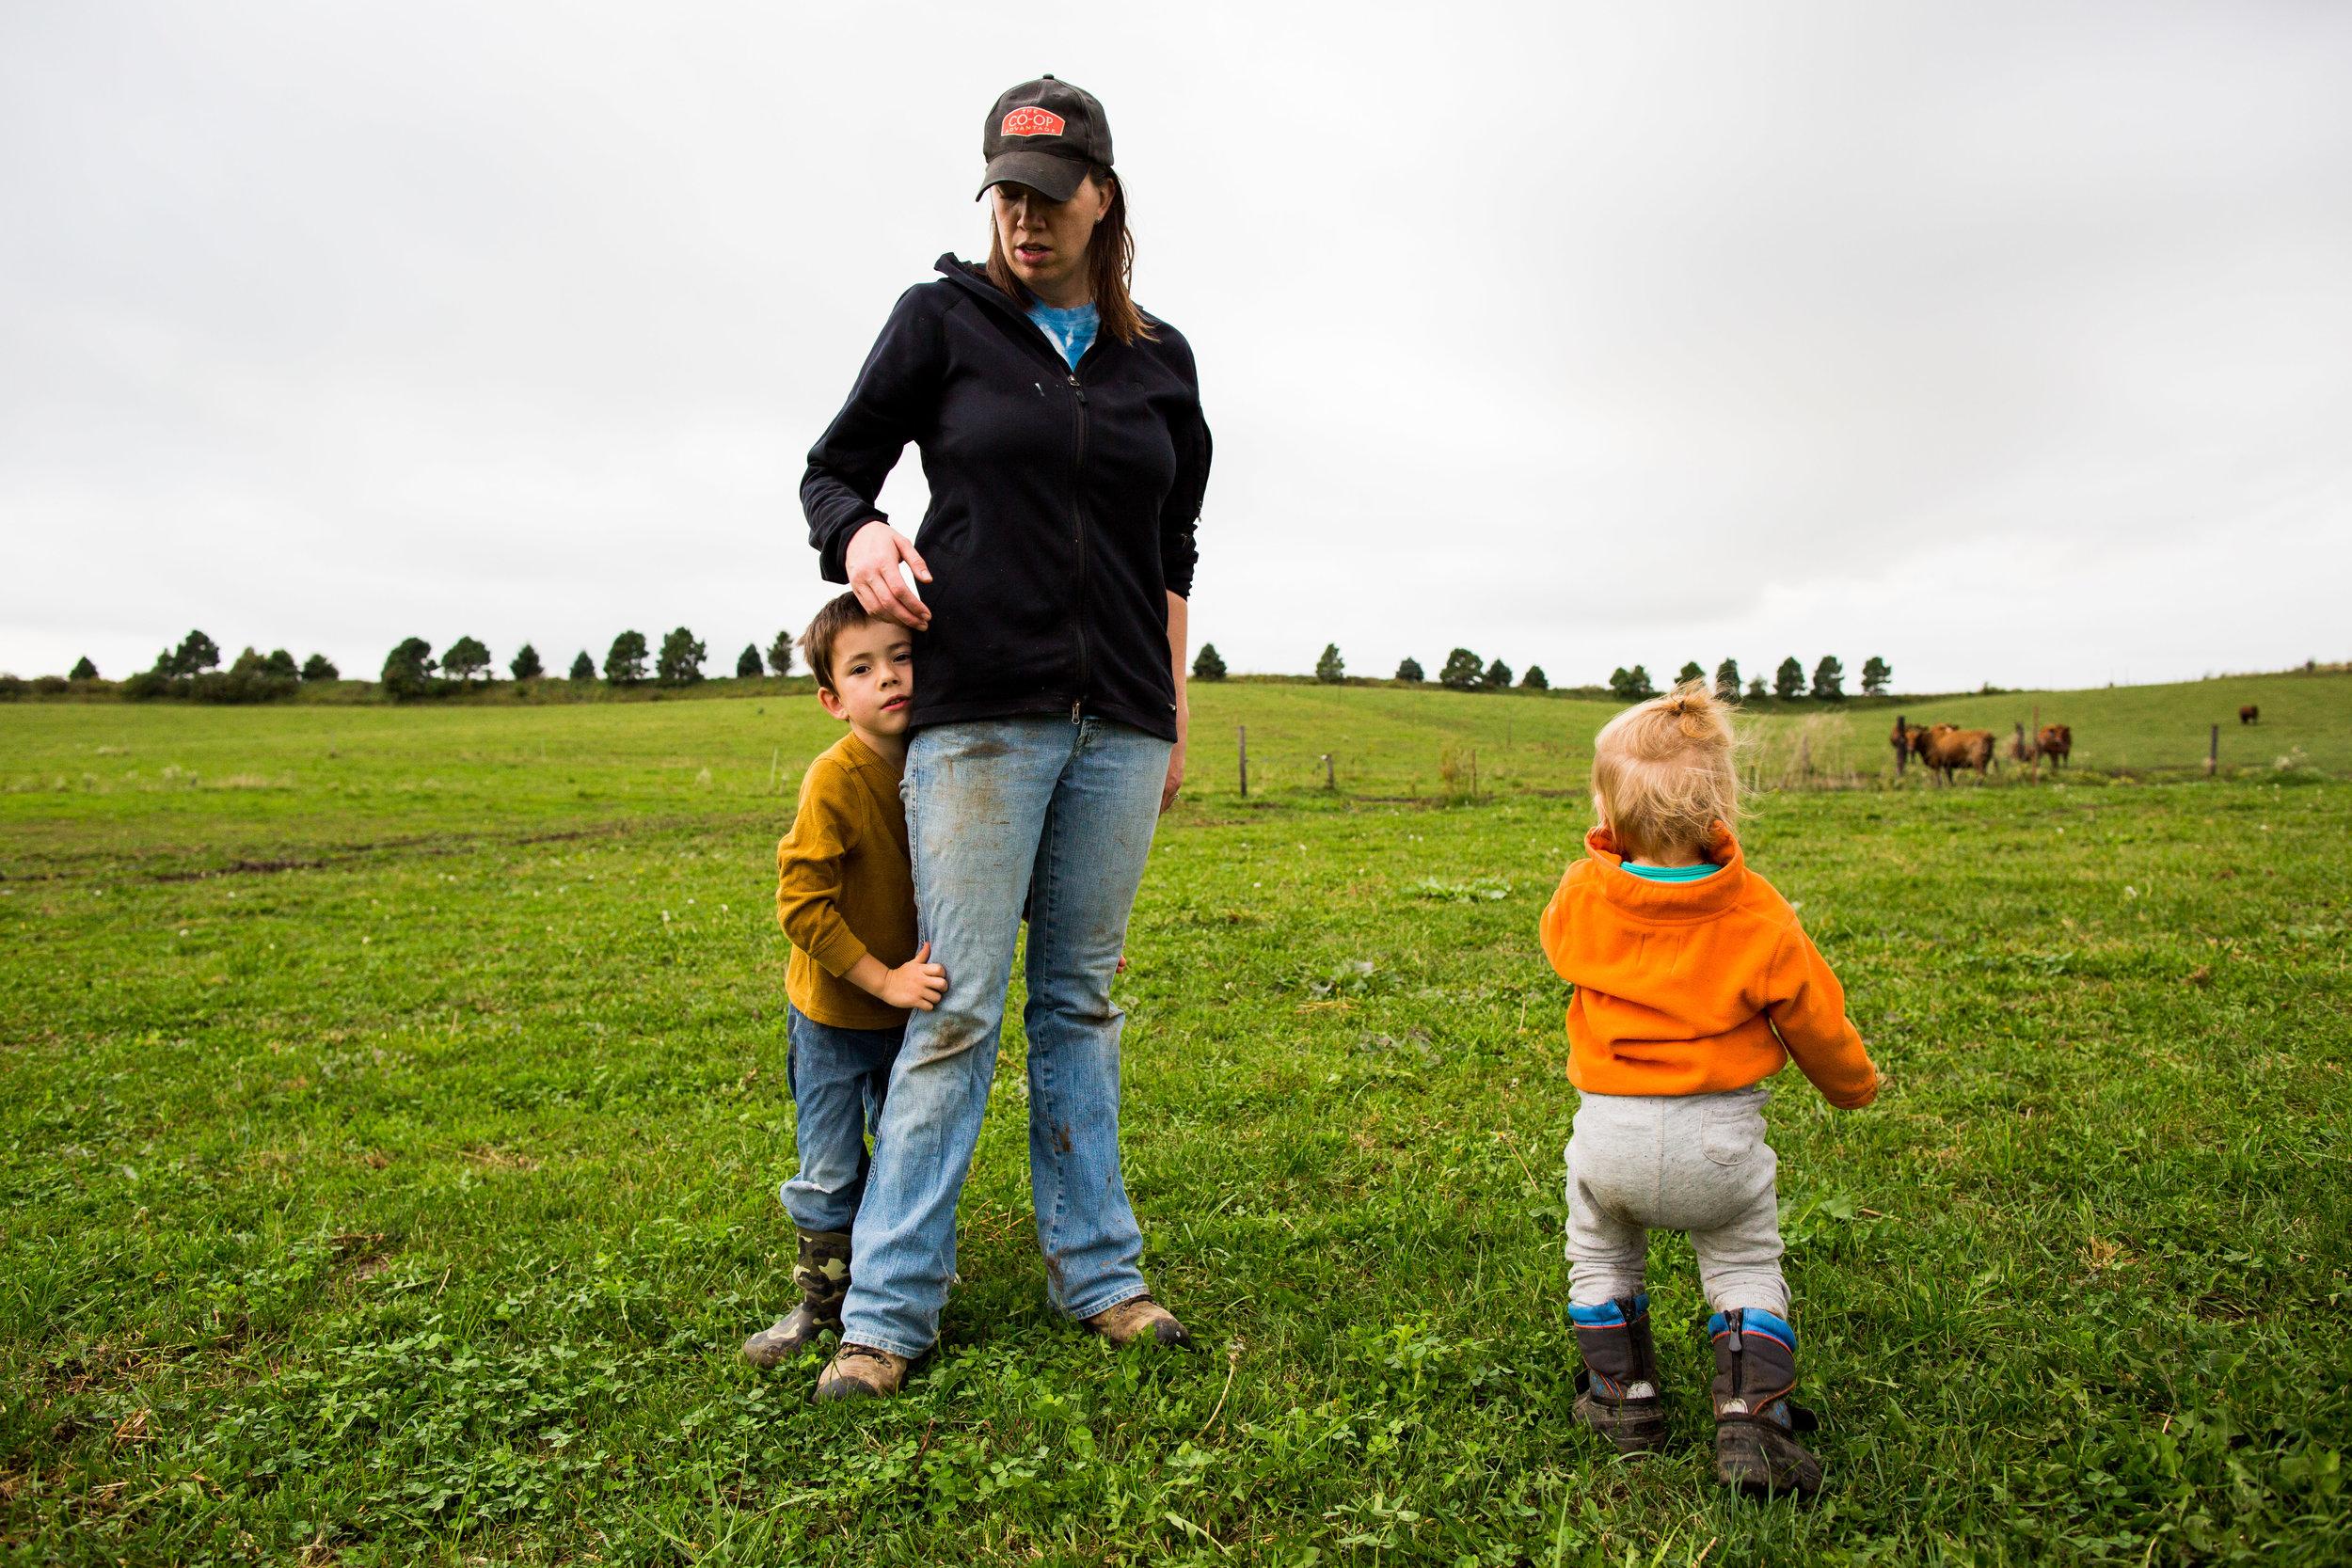 Raising her children on the multi-generational family farm